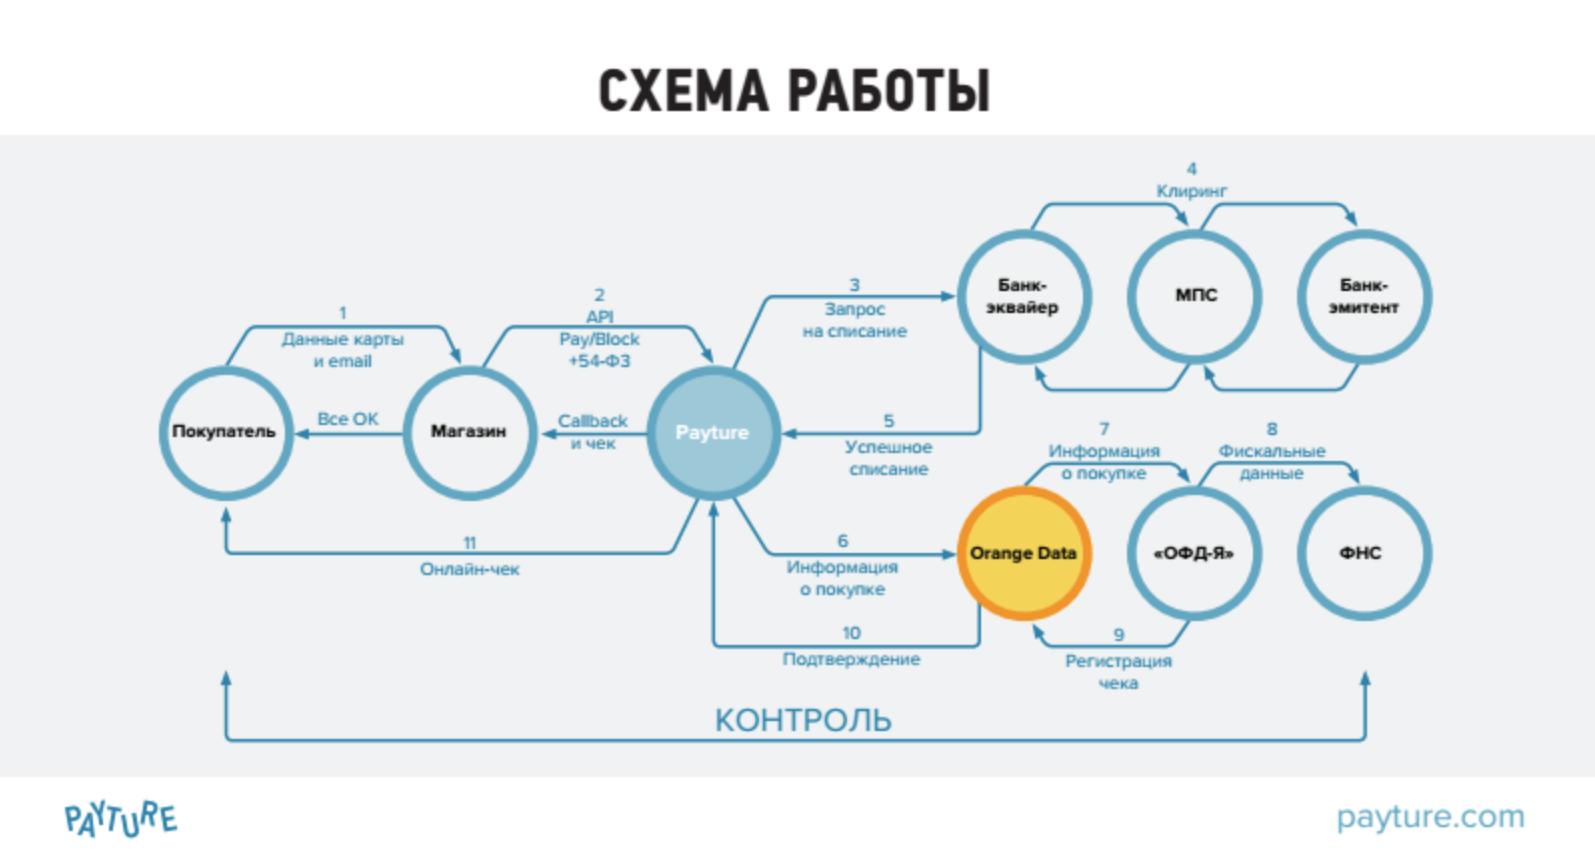 Яндекс касса схема